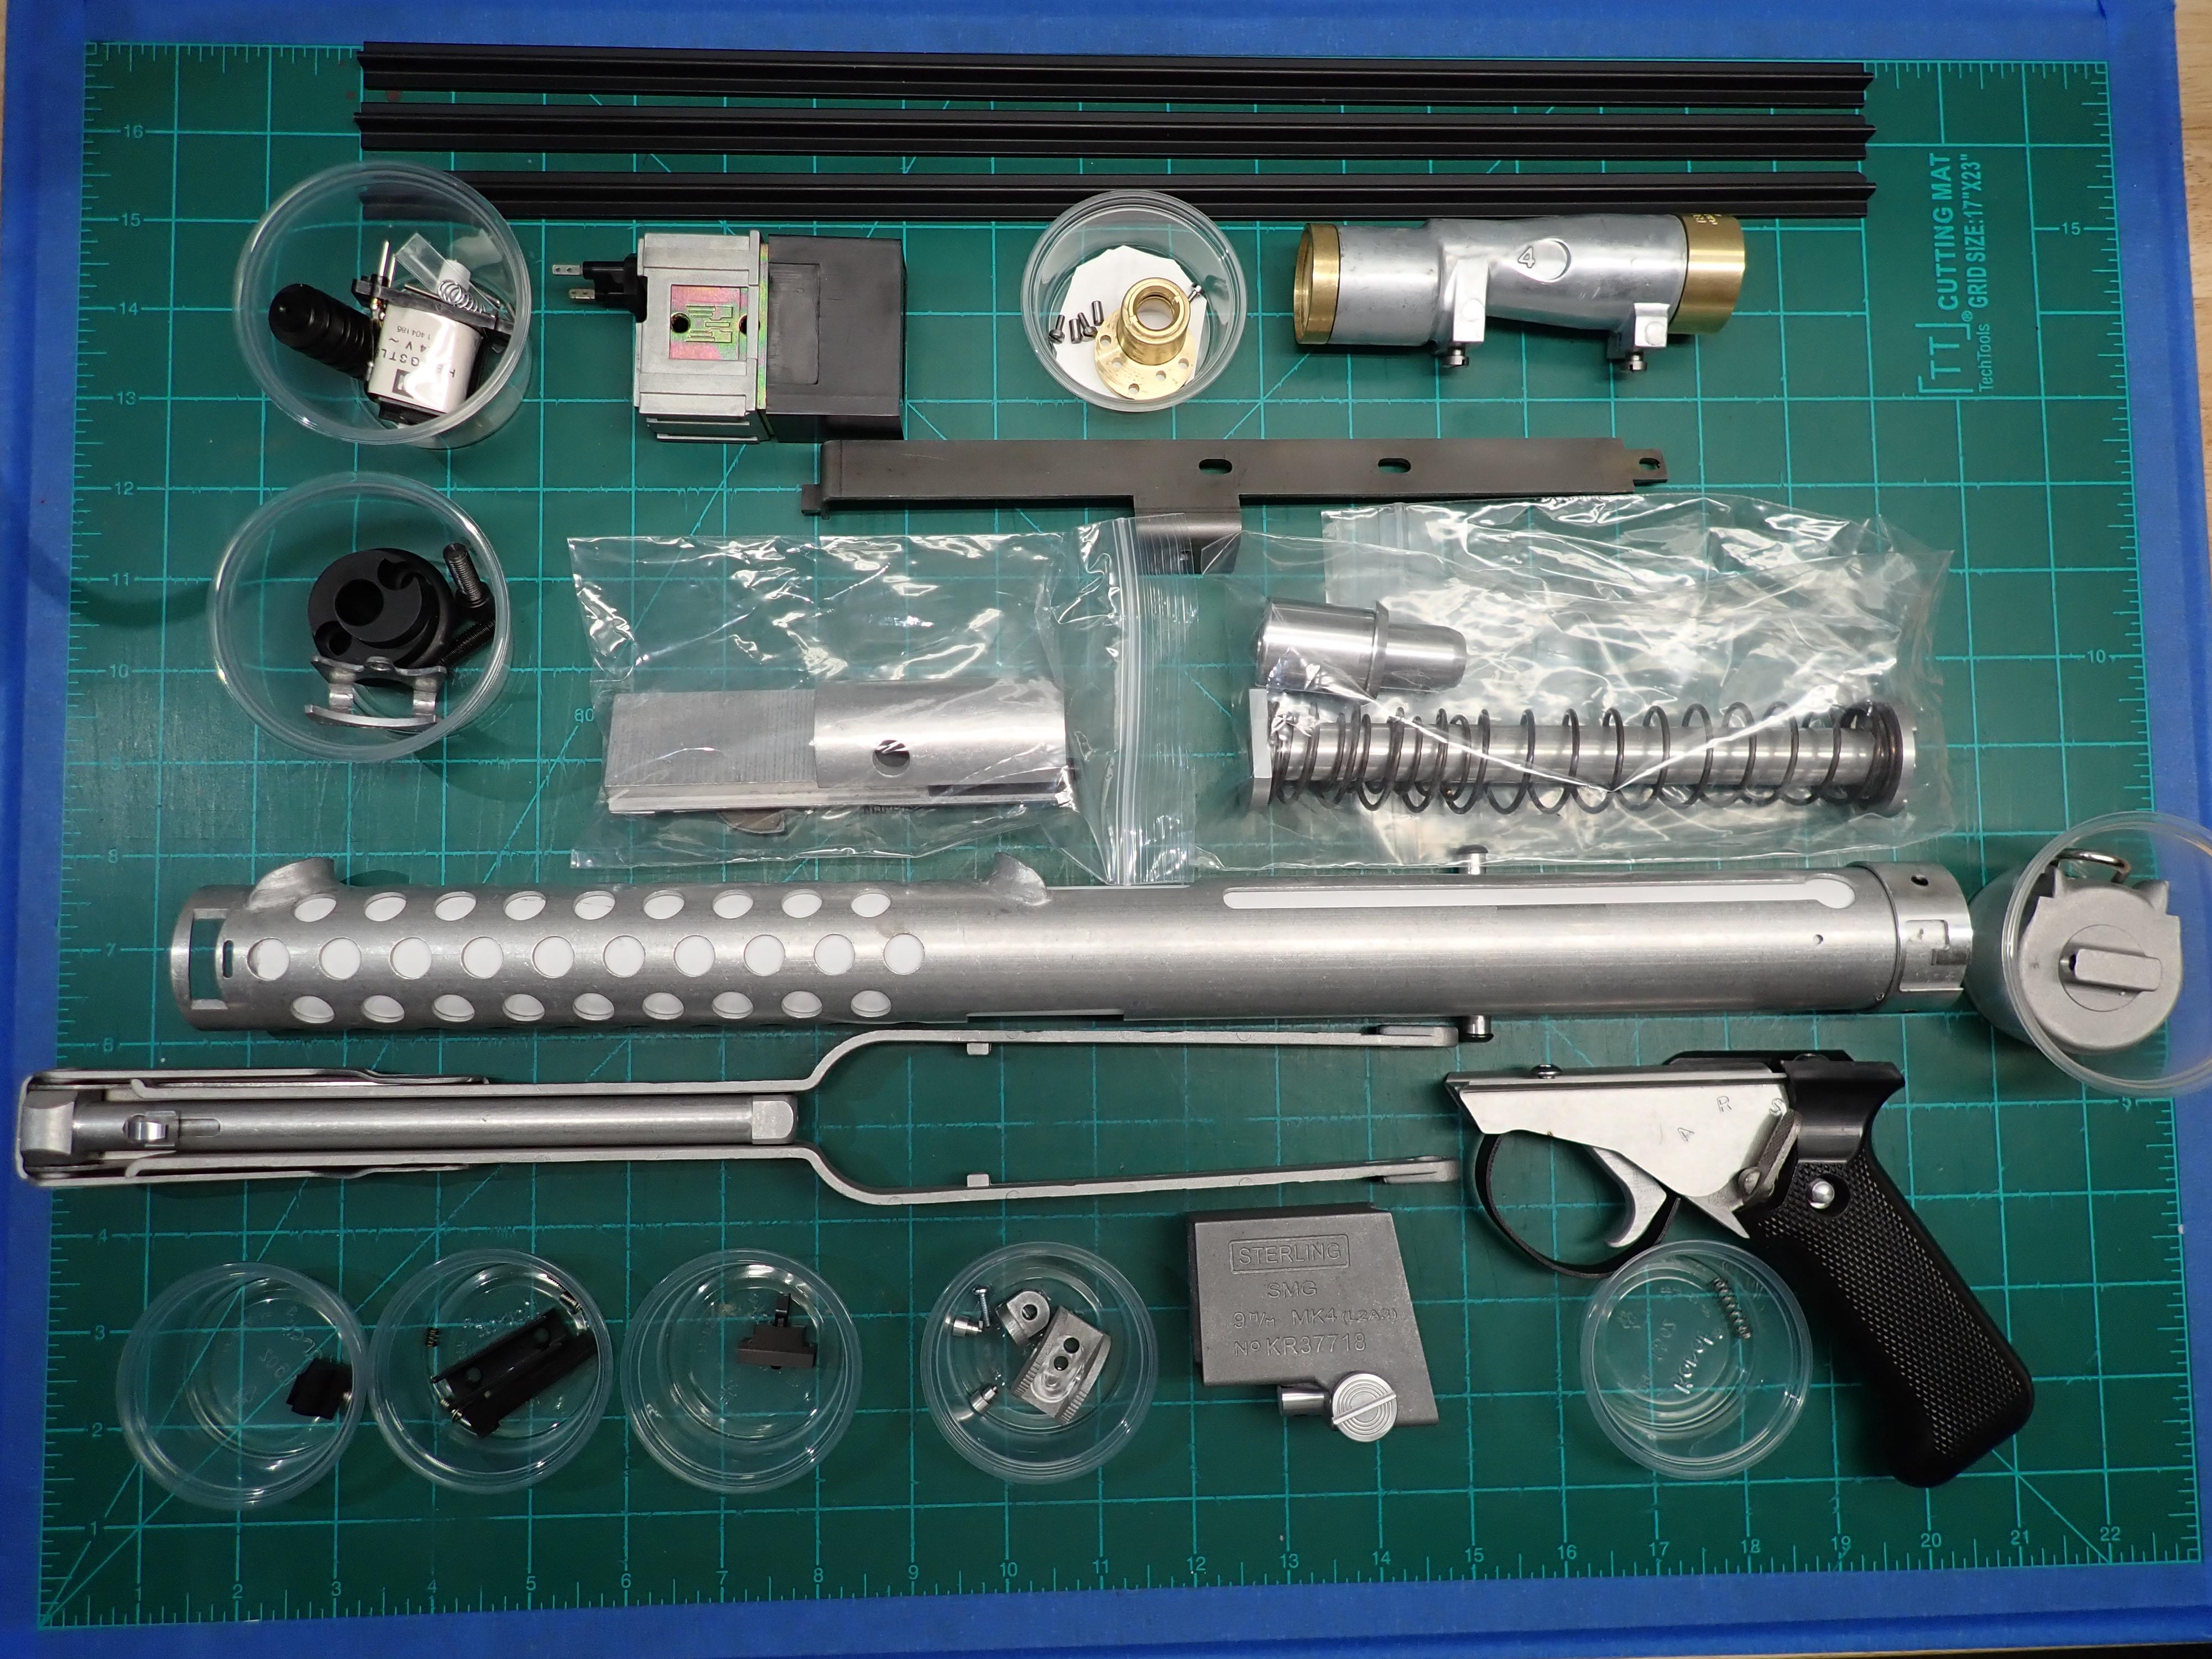 01 Kit.JPG